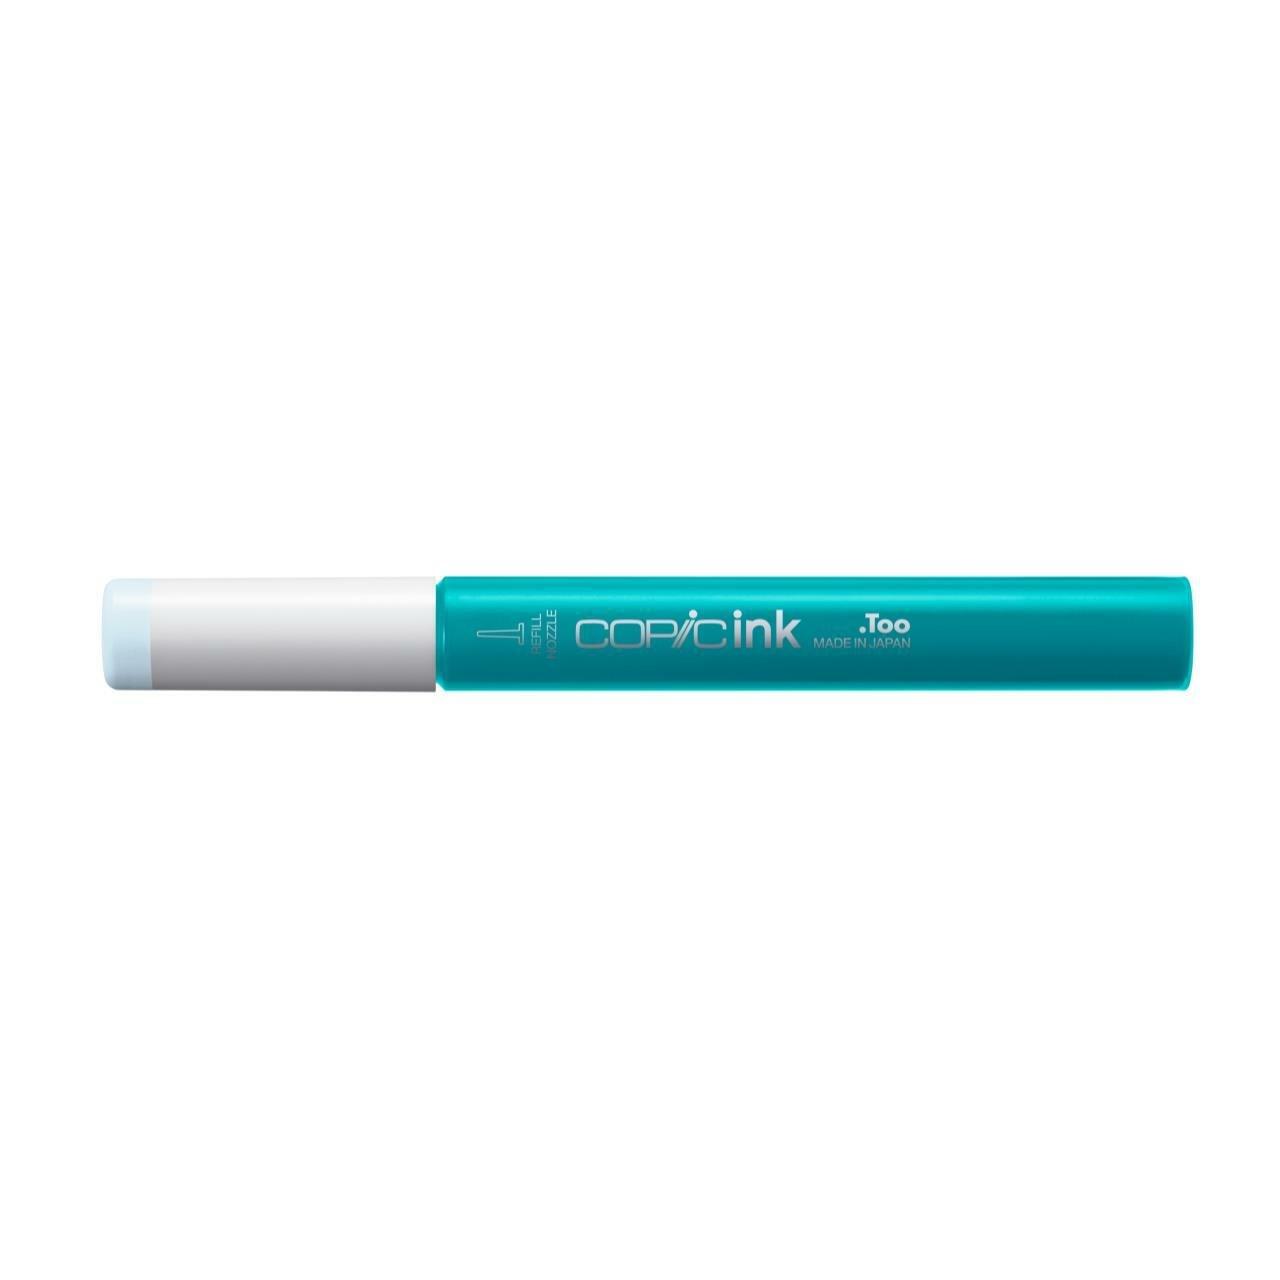 Copic Marker Refills (B0000-B99)